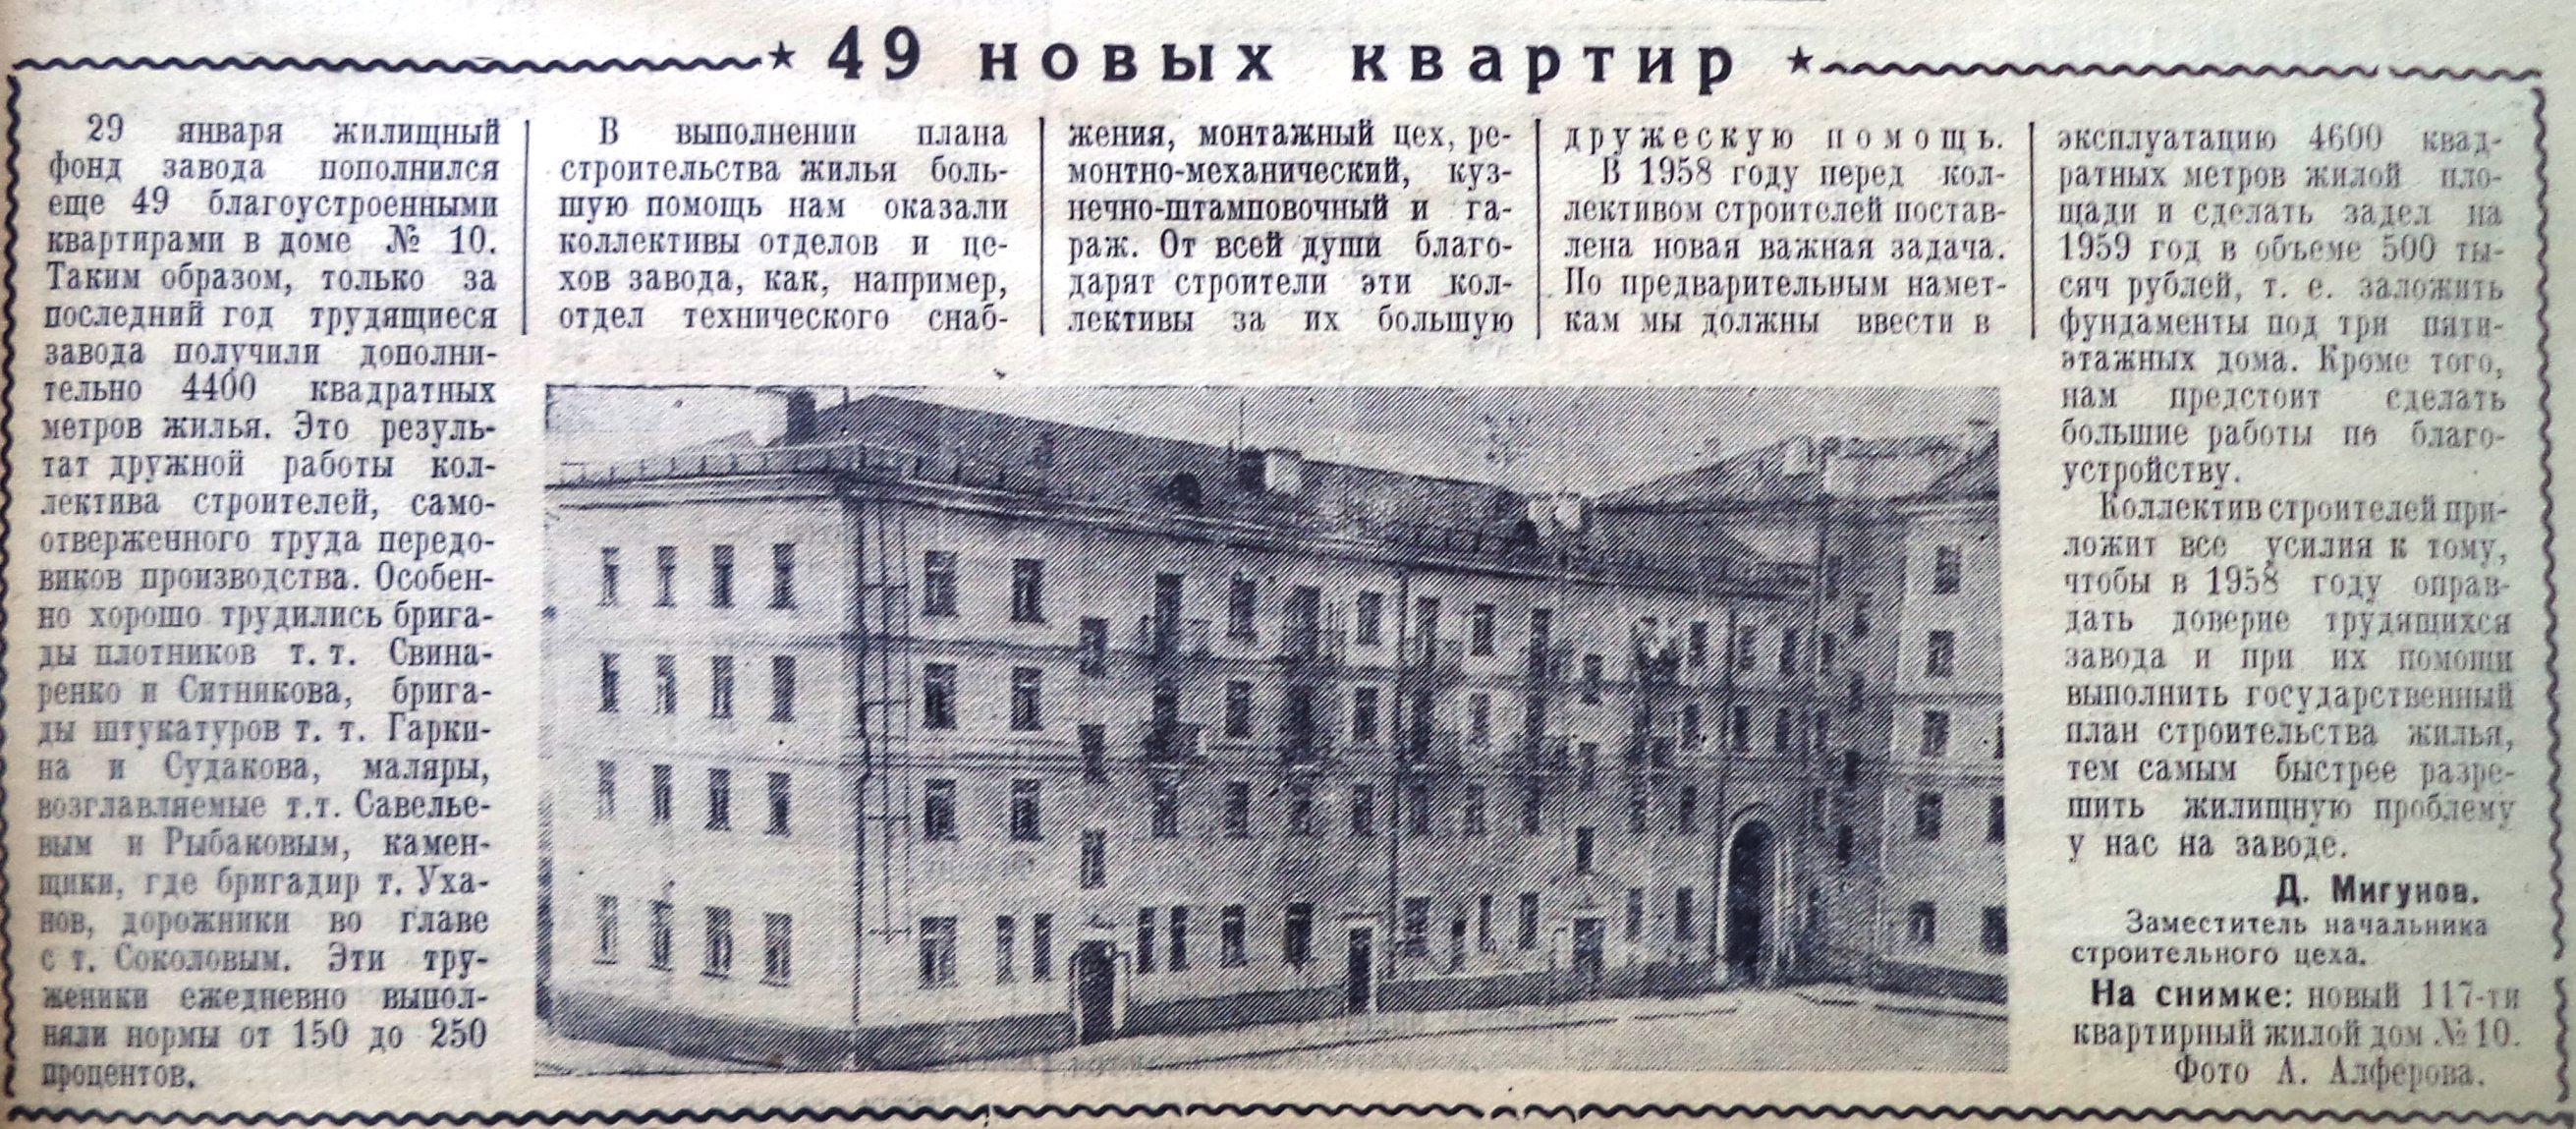 Роликовый-ФОТО-08-Ленинское Знамя-1958-4 февраля